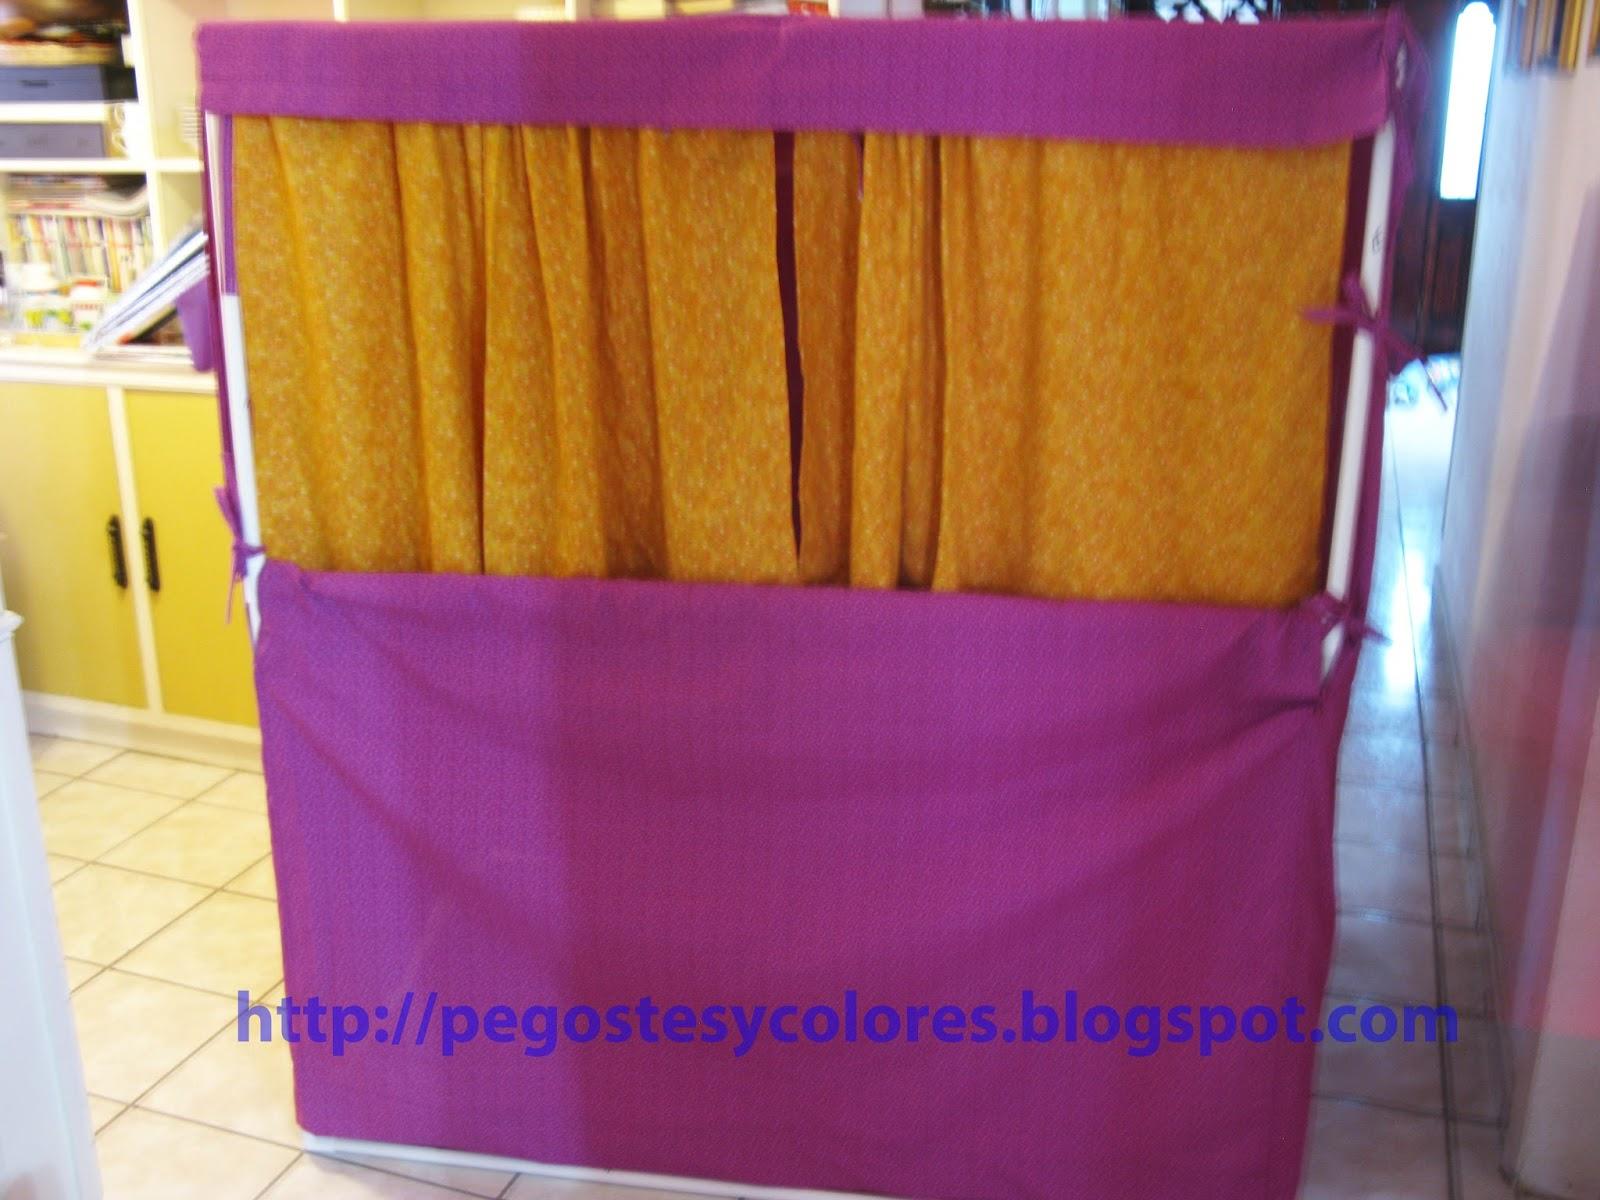 Pegostes y colores teatro desarmable de tubos de pvc for Casa para herramientas de pvc